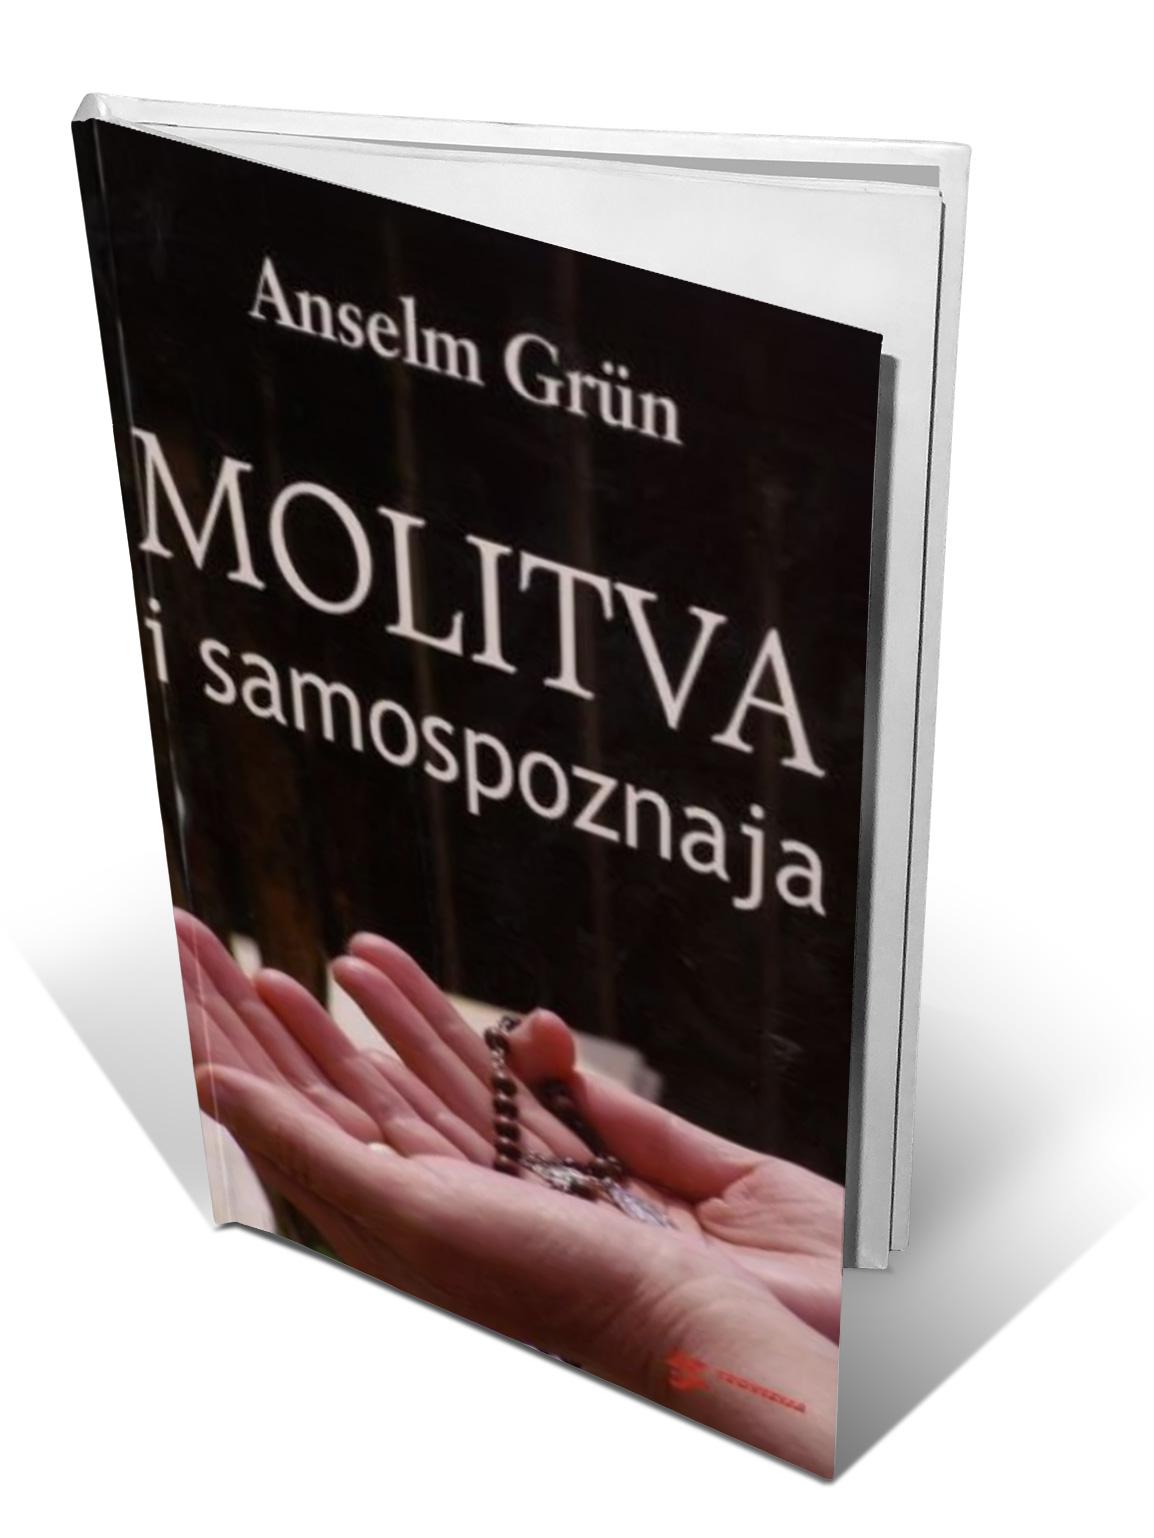 MOLITVA I SAMOSPOZNAJA - Anselm Grün